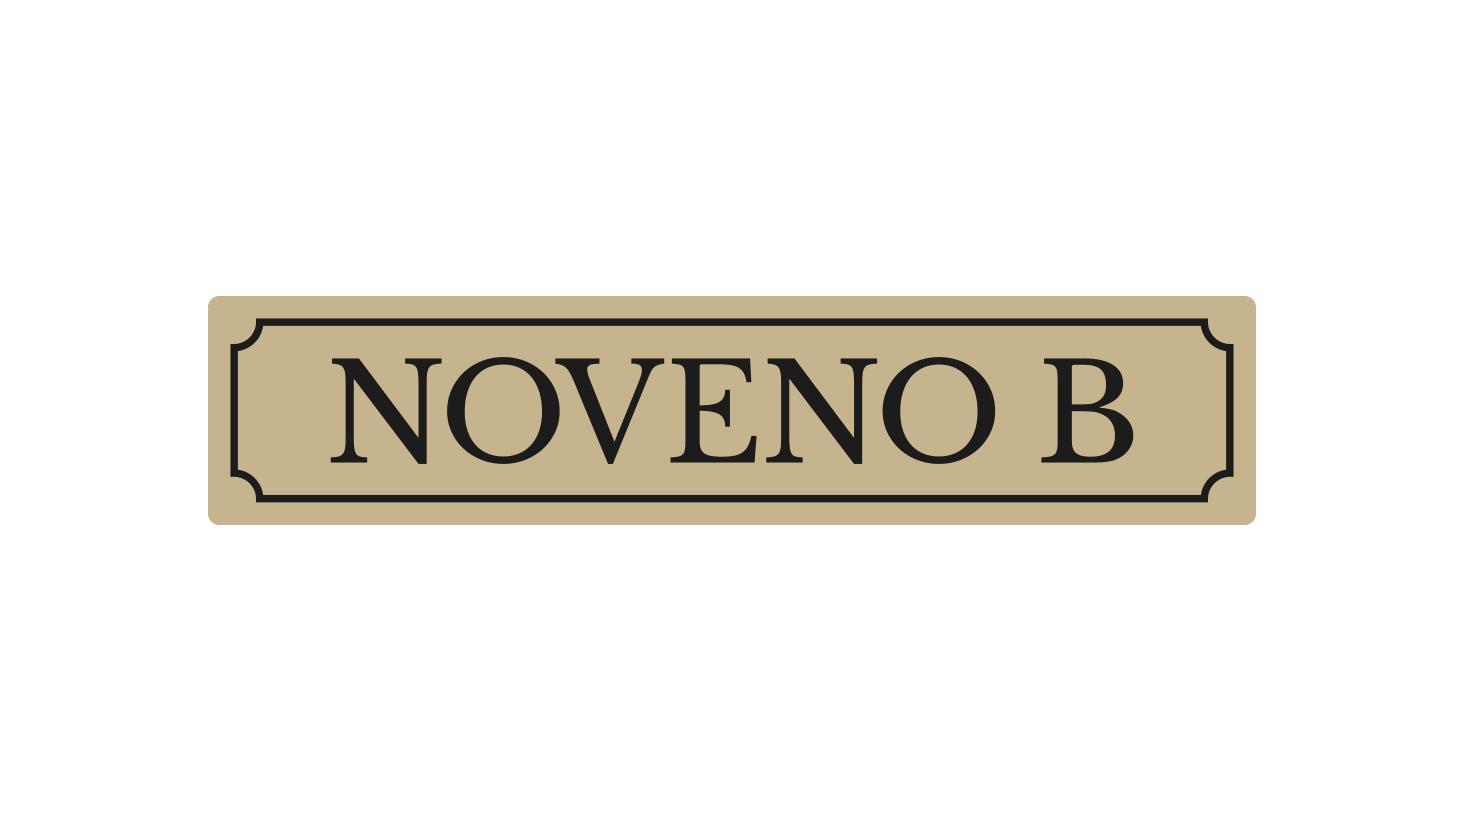 Noveno B